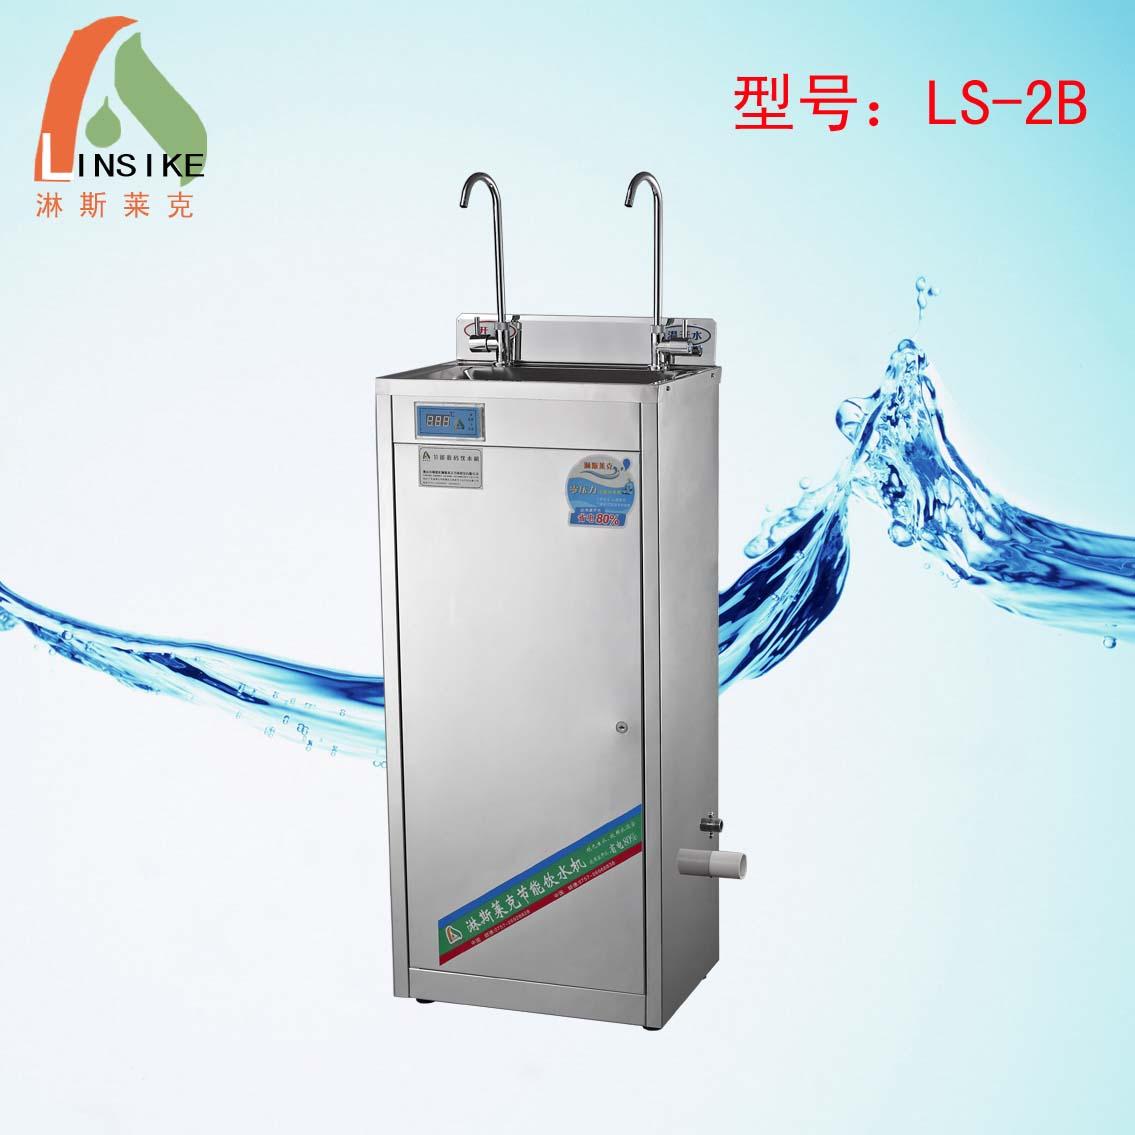 厂家直销淋斯莱克不锈钢冷热节能饮水机LS-2B